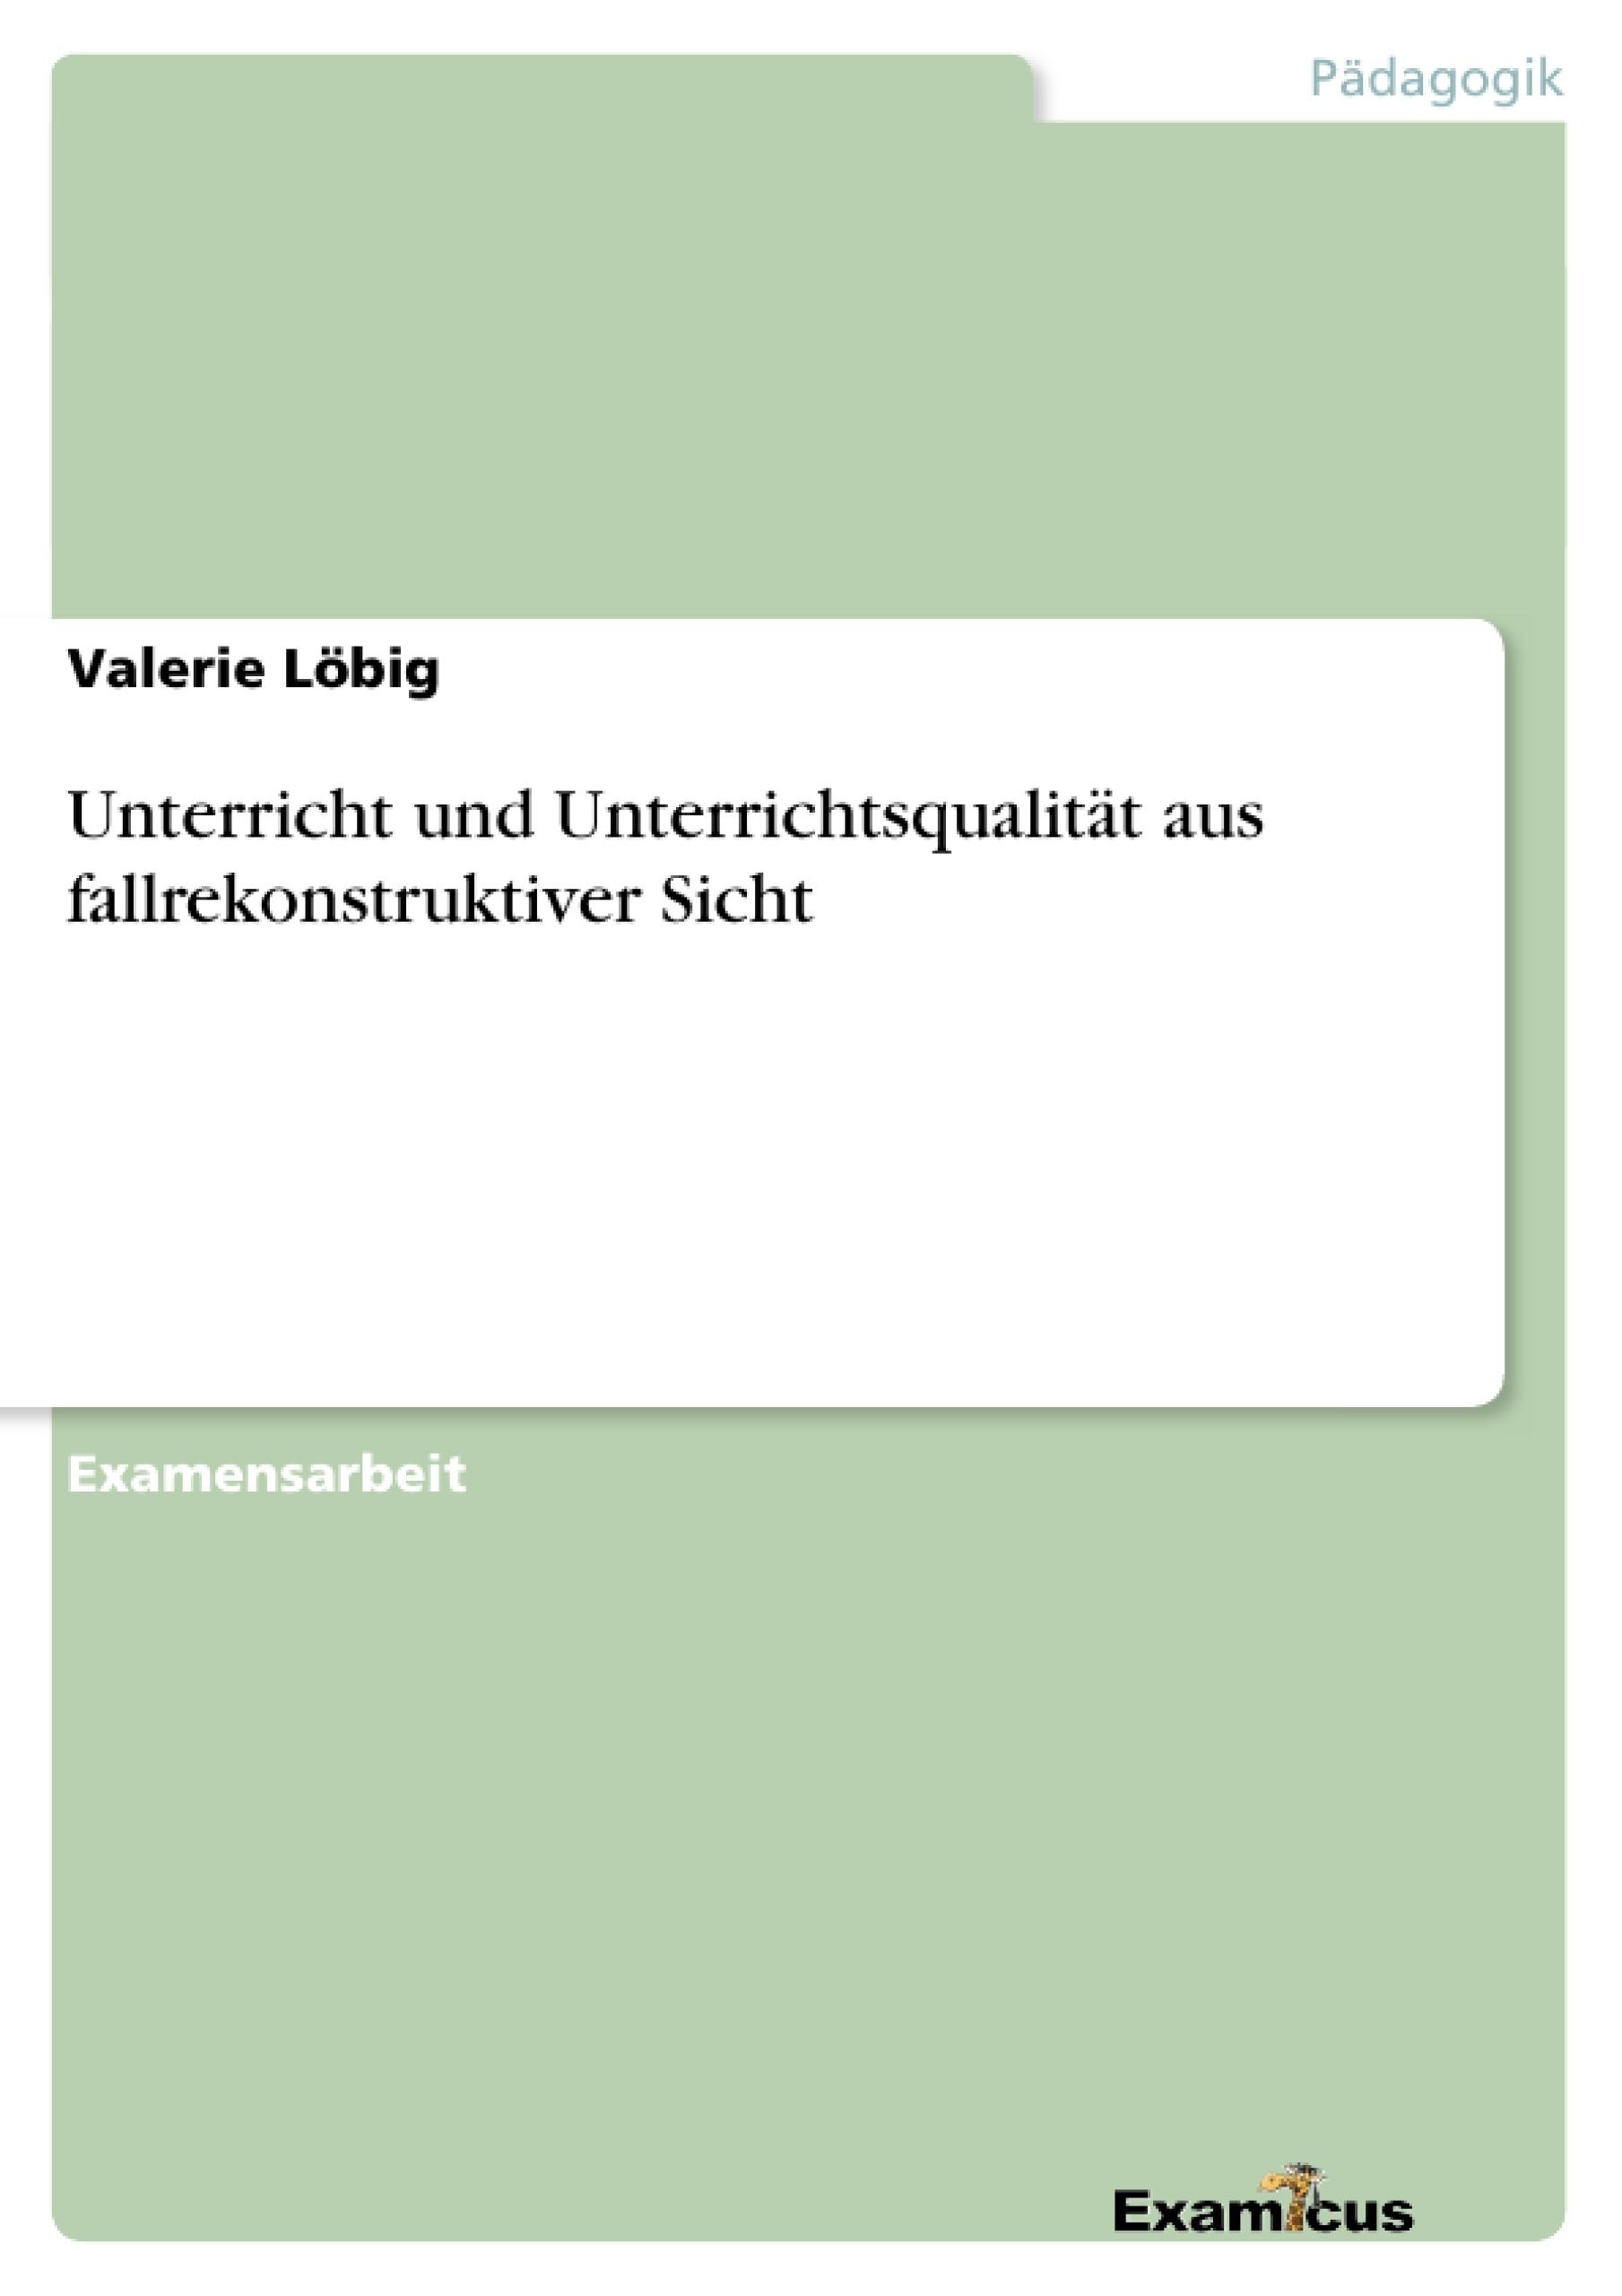 Titel: Unterricht und Unterrichtsqualität aus fallrekonstruktiver Sicht